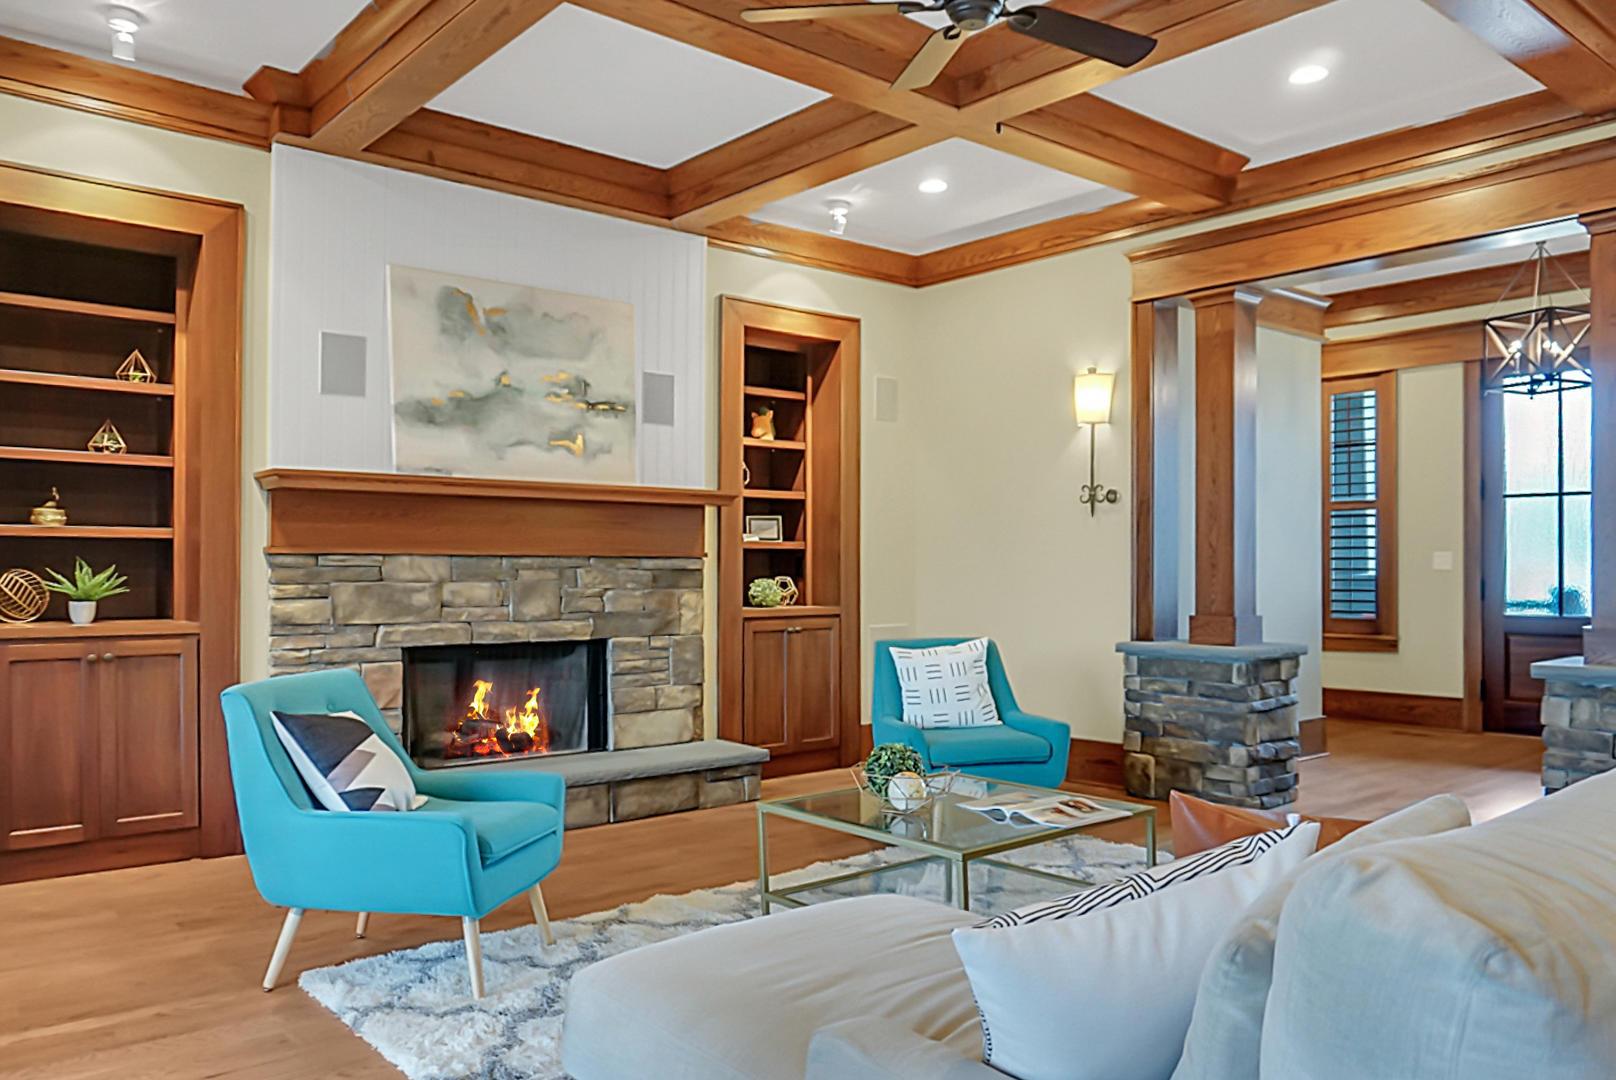 Dunes West Homes For Sale - 2978 River Vista, Mount Pleasant, SC - 26